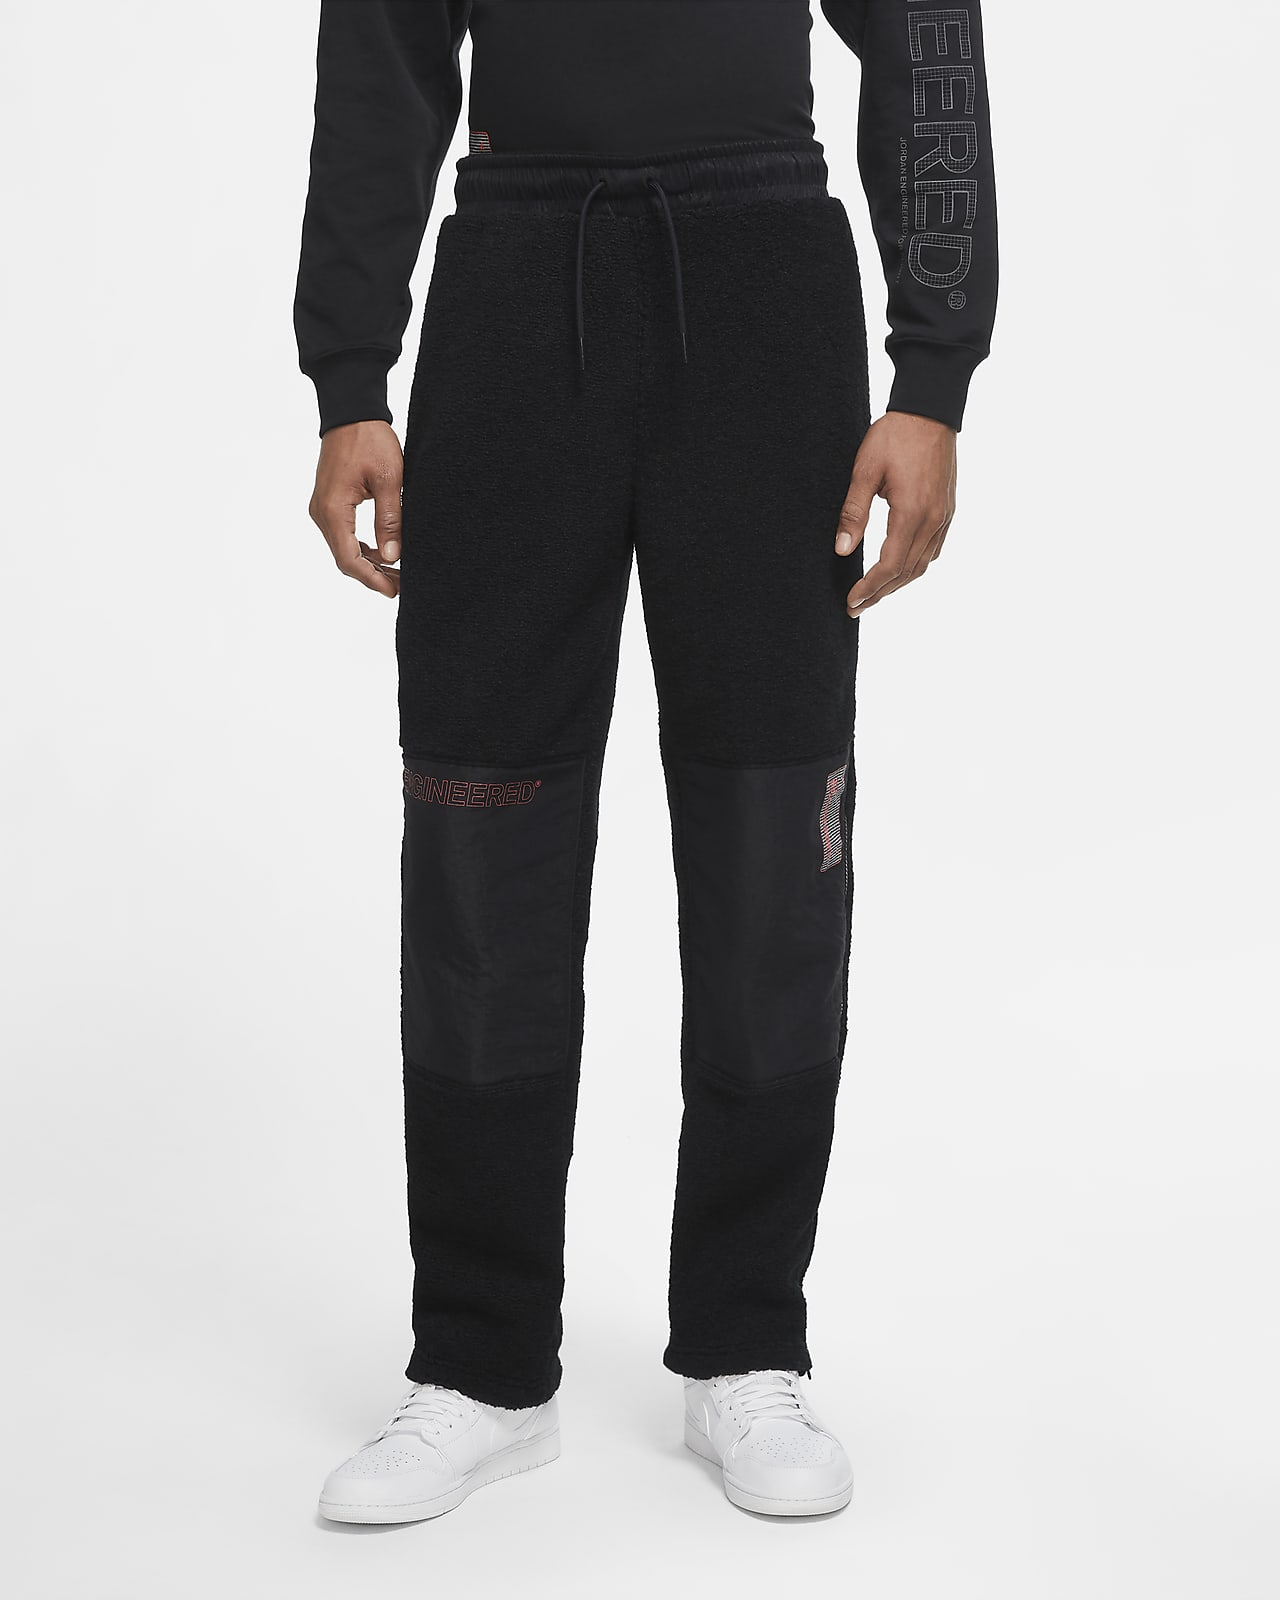 Jordan 23 Engineered Fleece-Hose mit Reißverschluss für Herren